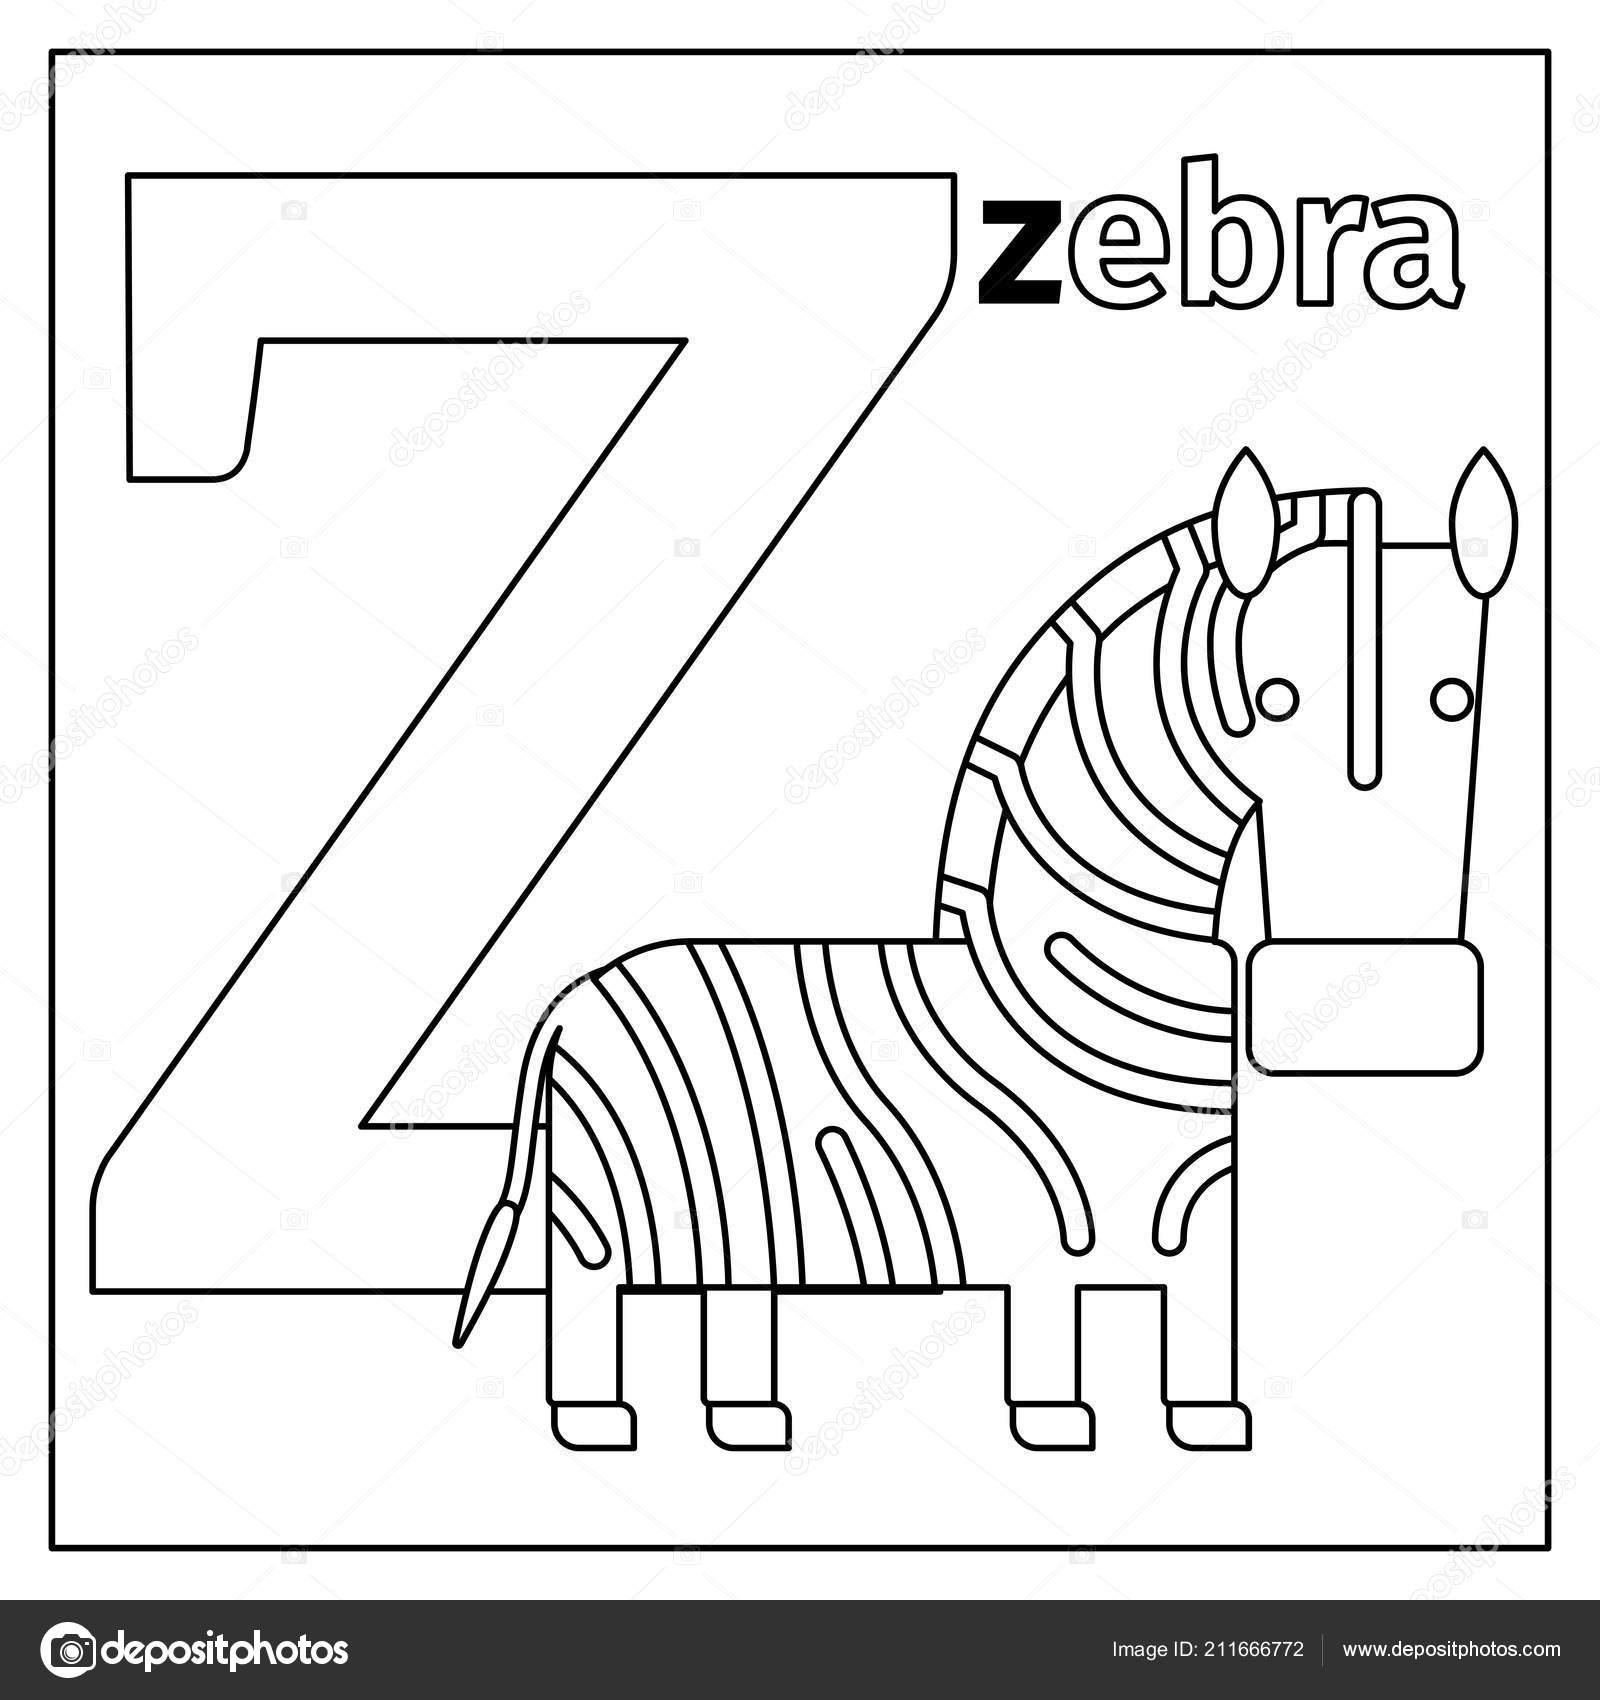 Cebra La Letra Z Para Colorear Página Archivo Imágenes